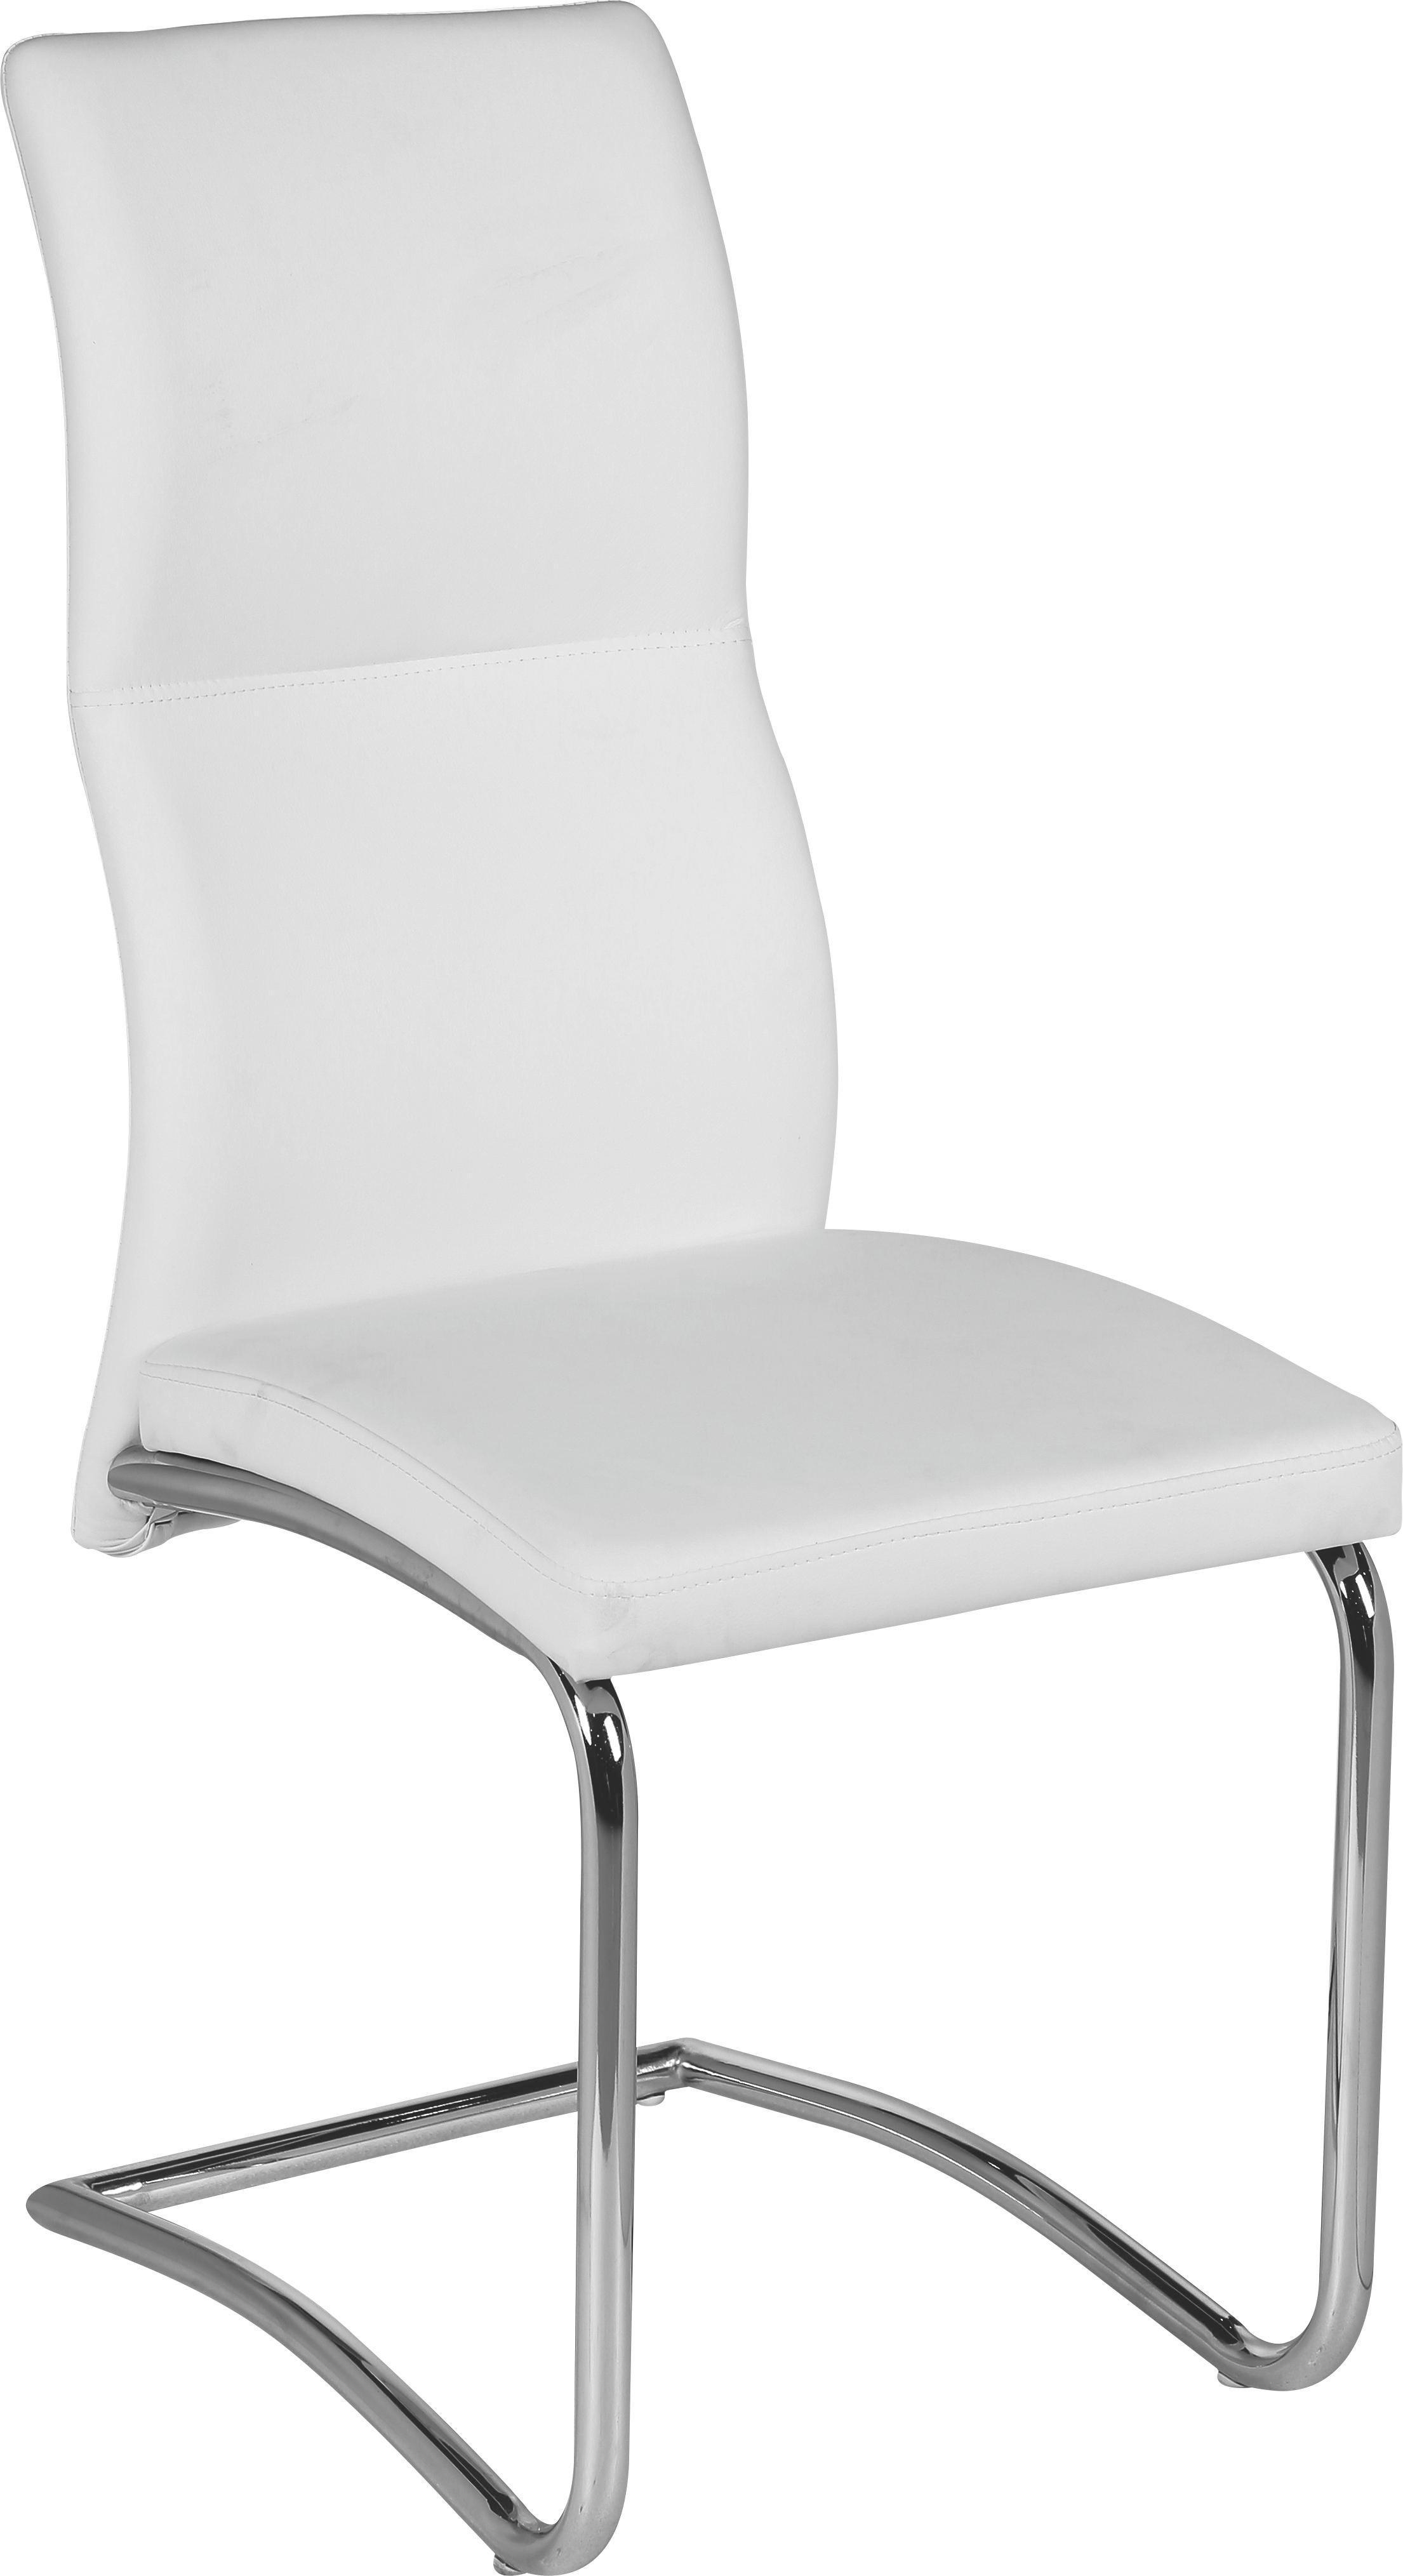 Schwingstuhl Wendy - Weiß, MODERN, Textil/Metall (43,5/102/62cm)